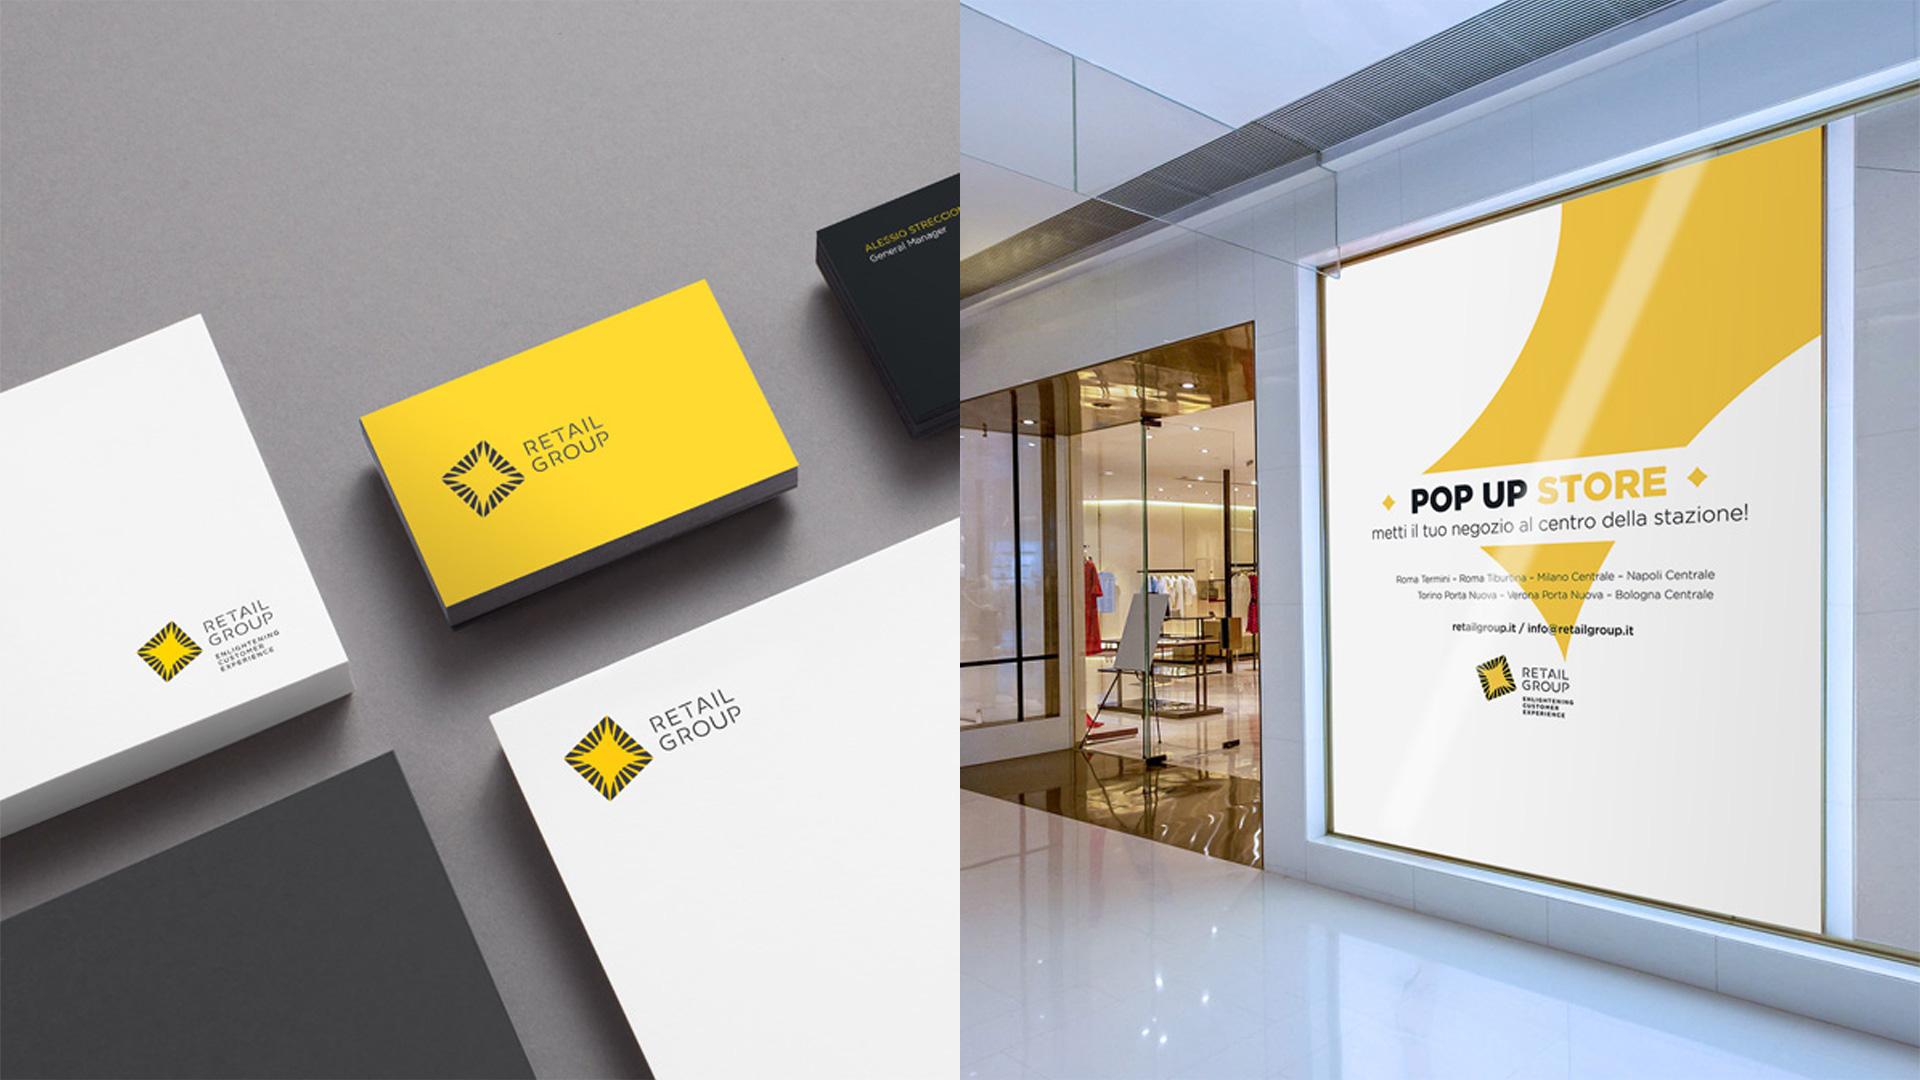 Grandi-Stazioni-Retail-Rba-Design-006